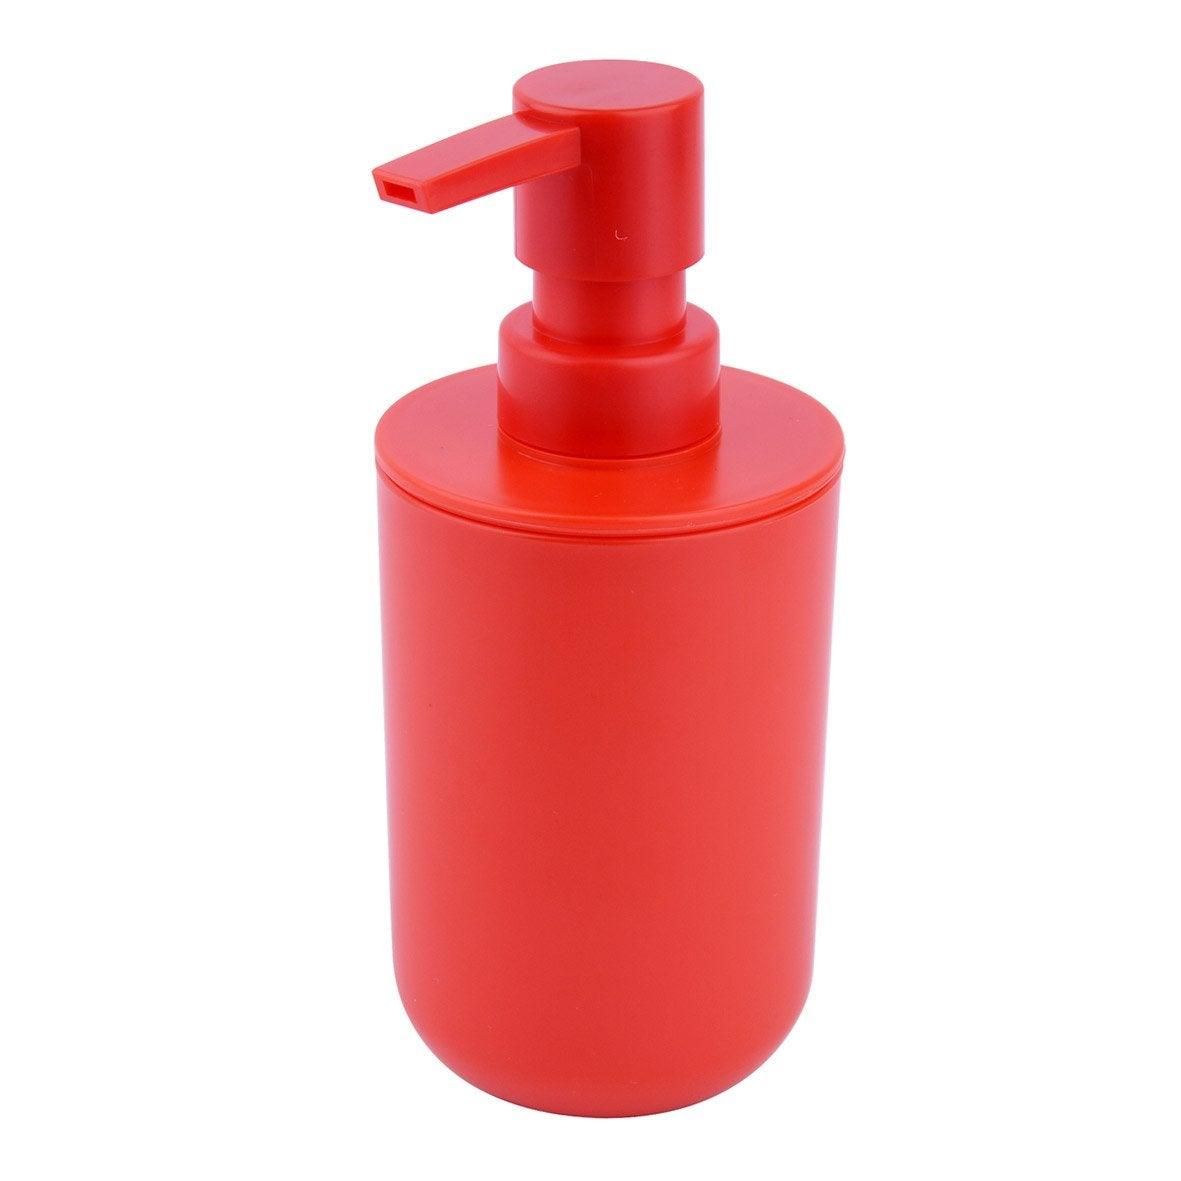 Distributeur de savon plastique Easy, chili n°3